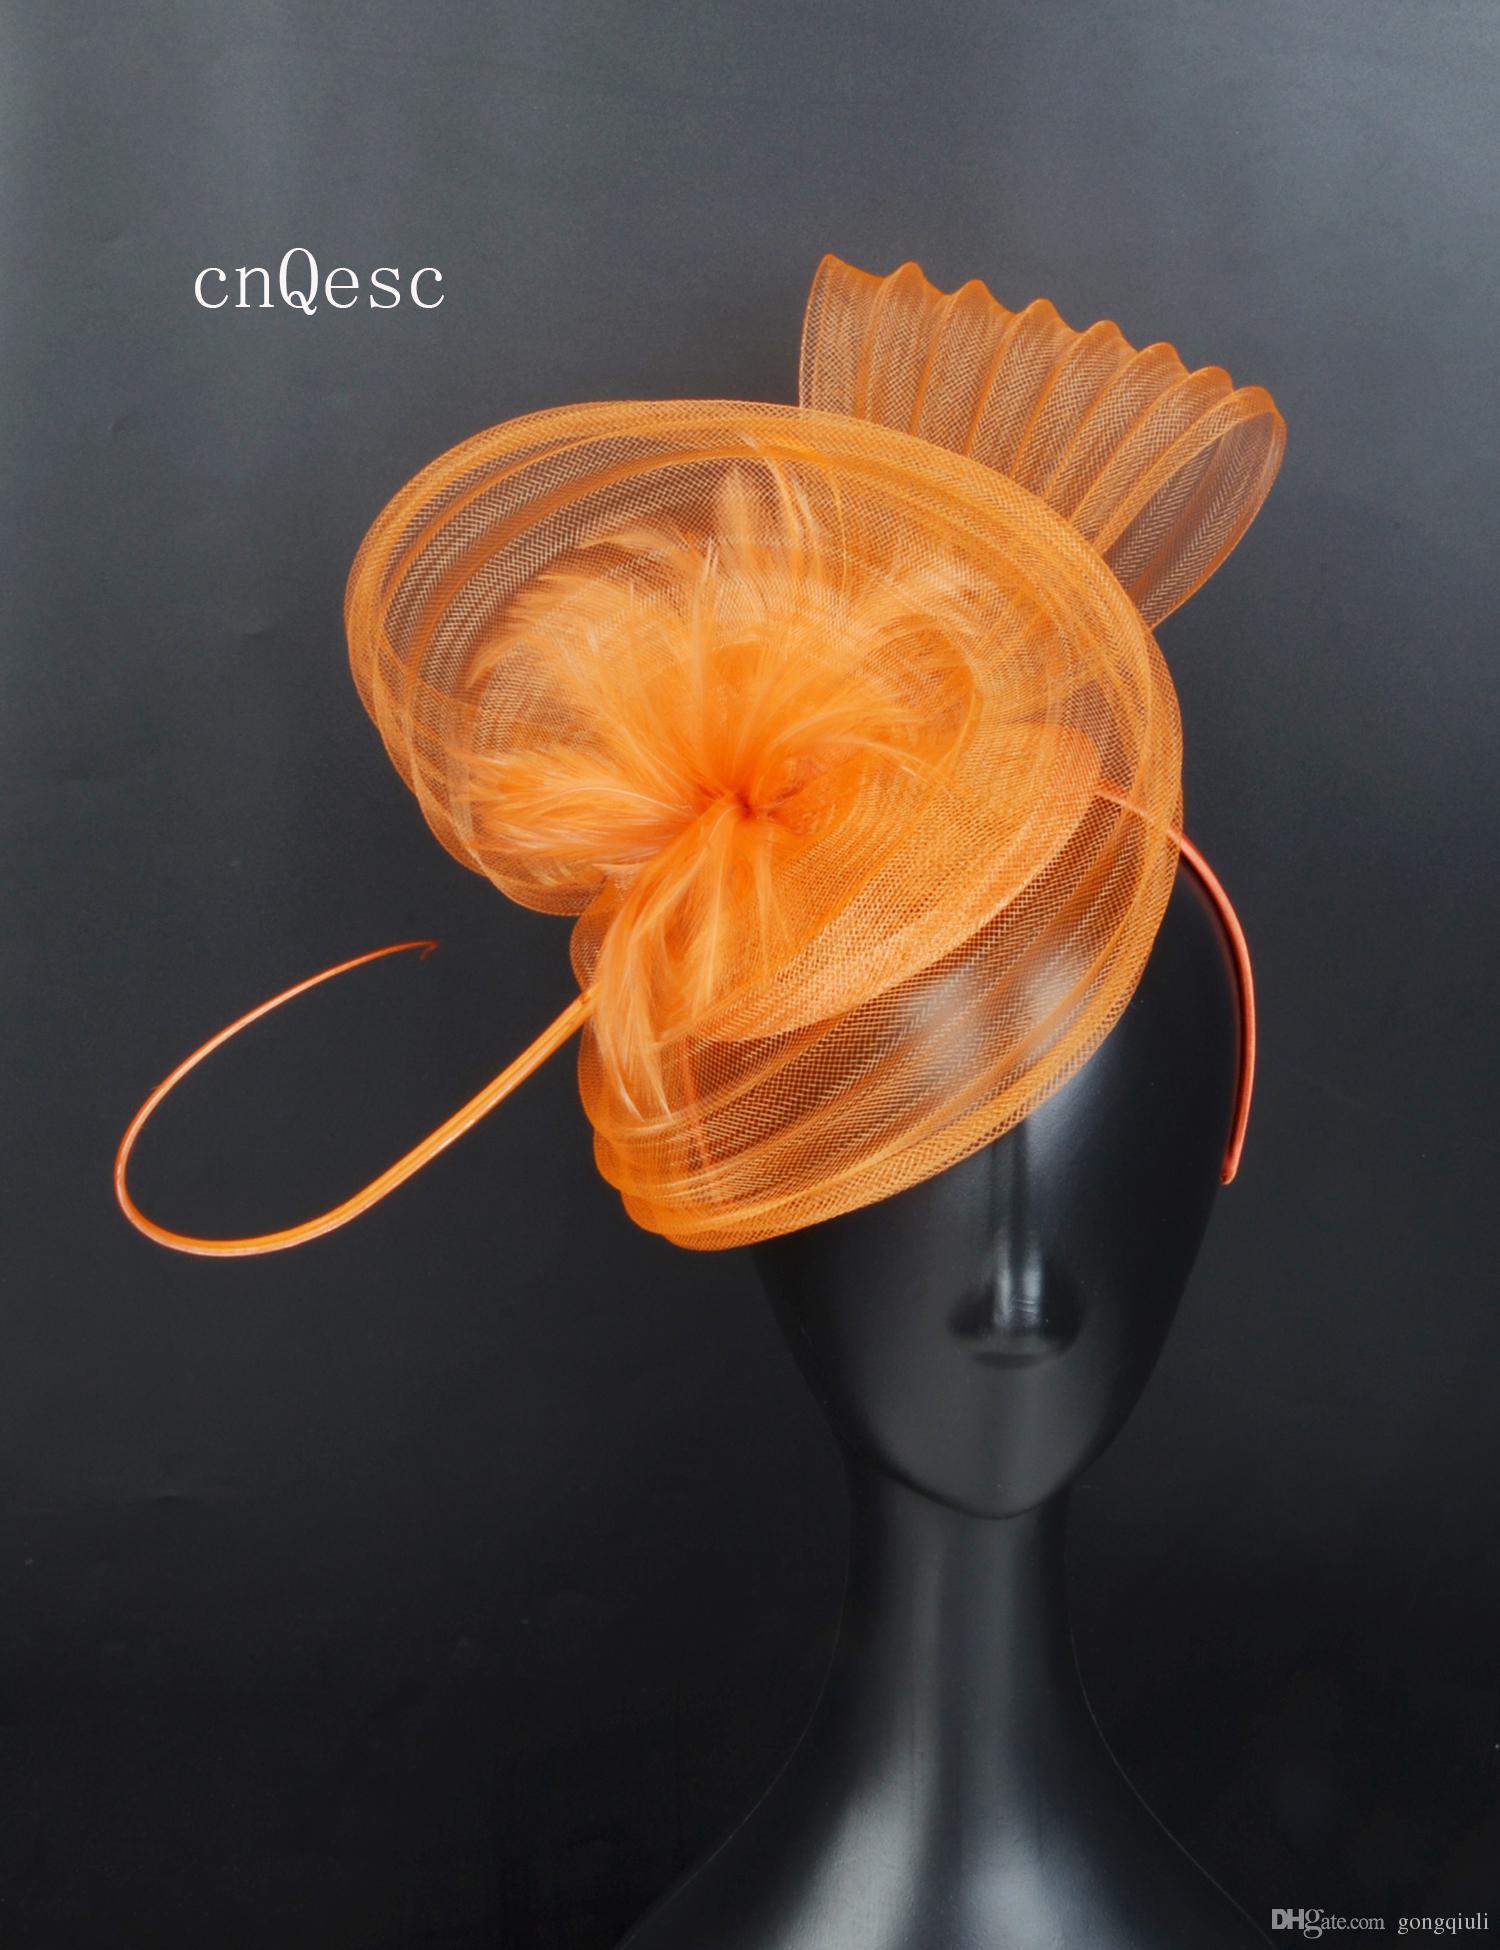 2019 оранжевый Крин чародей перо свадебные шляпы чародей sinamay основания для выпускного вечера мать Дэй гонки, Кентукки Дерби